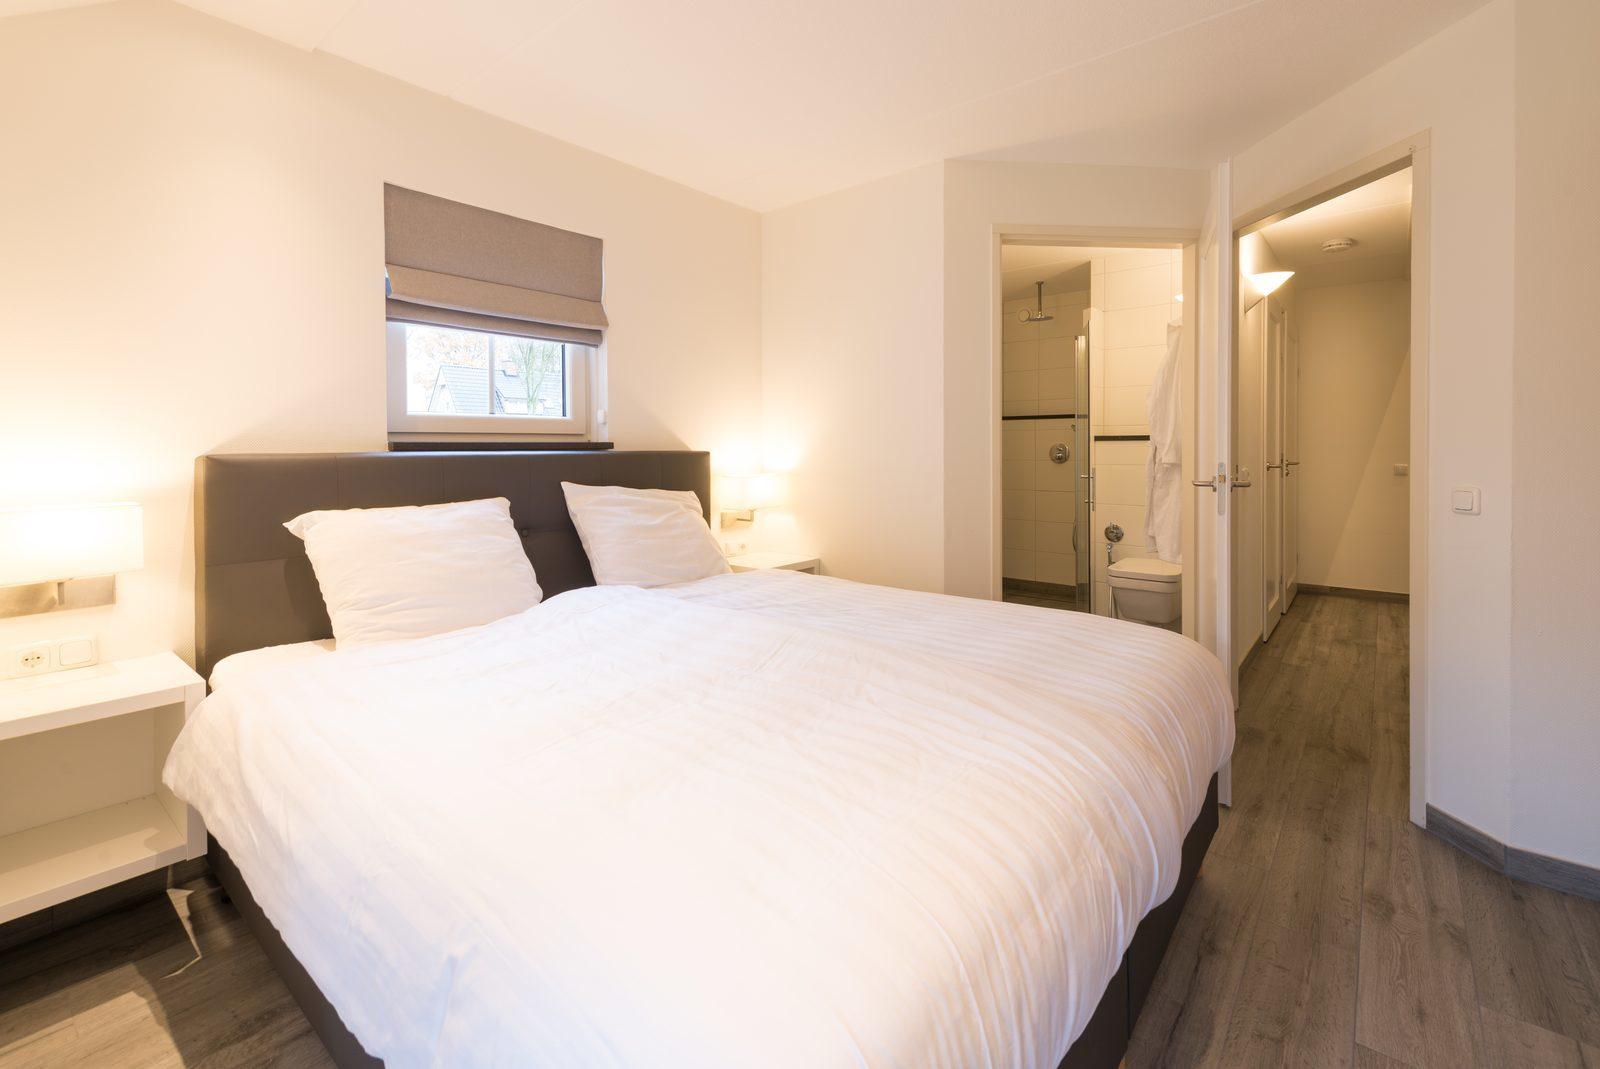 Wilgenhaege: slaapkamer met 2-persoonsbed en aangrenzende badkamer